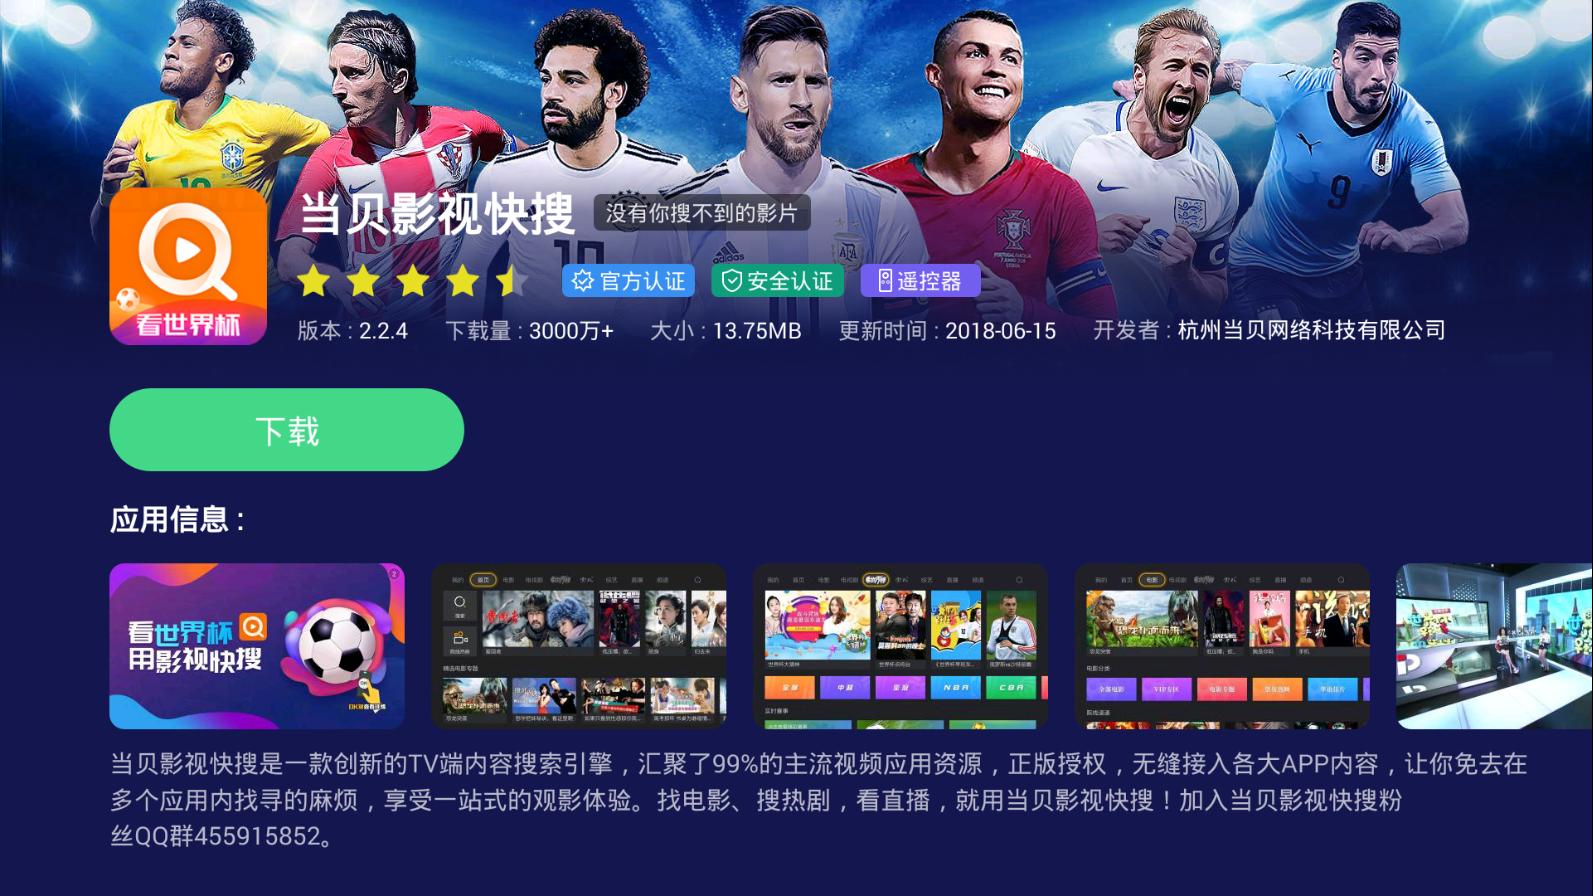 """""""優酷TV版世界杯""""的图片搜索结果"""